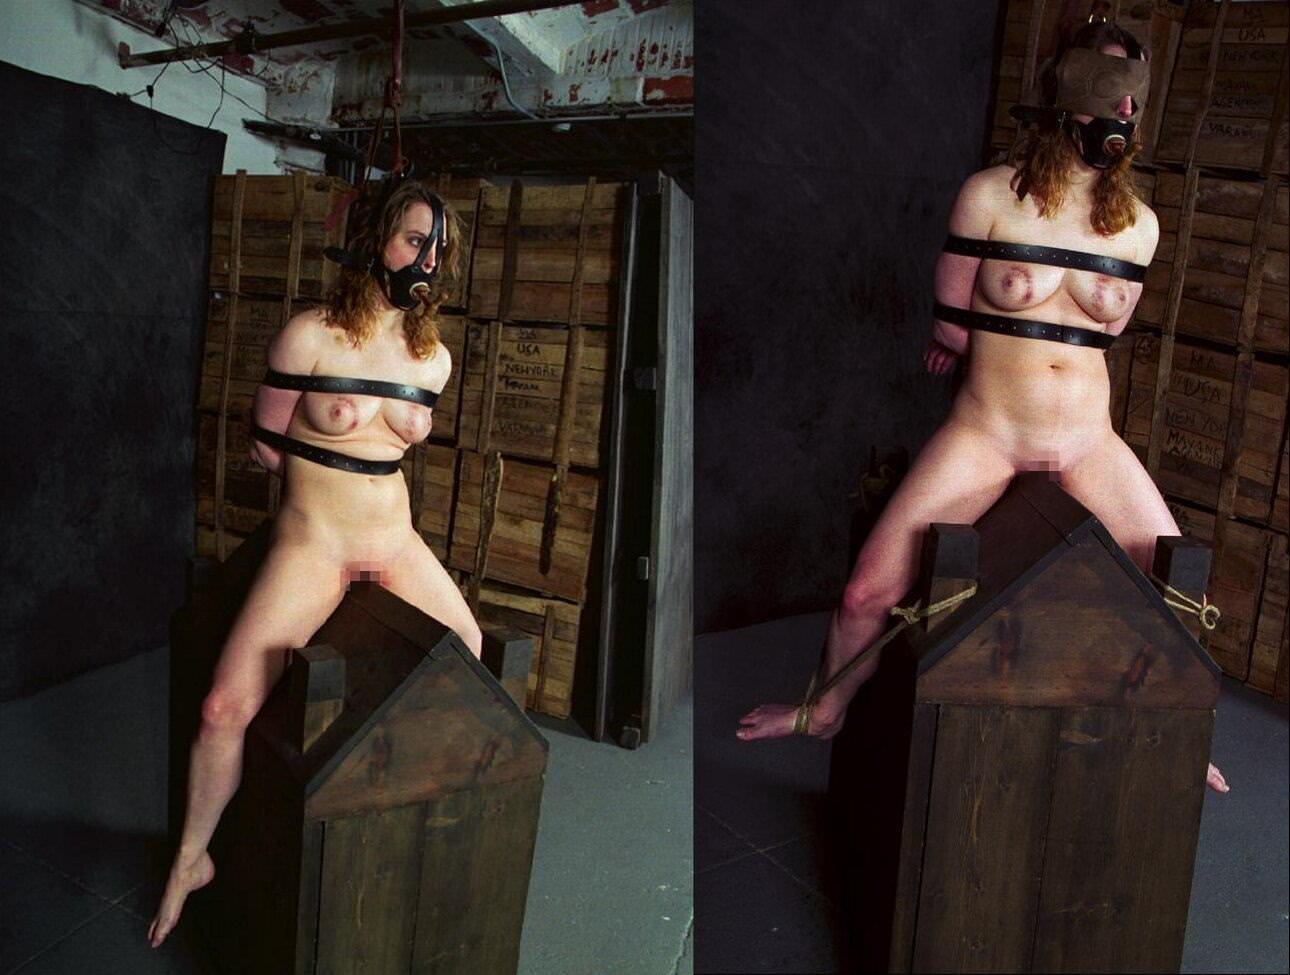 三角木馬で調教されてる美女がガチ絶叫wwwwの拷問SMエロ画像 1077